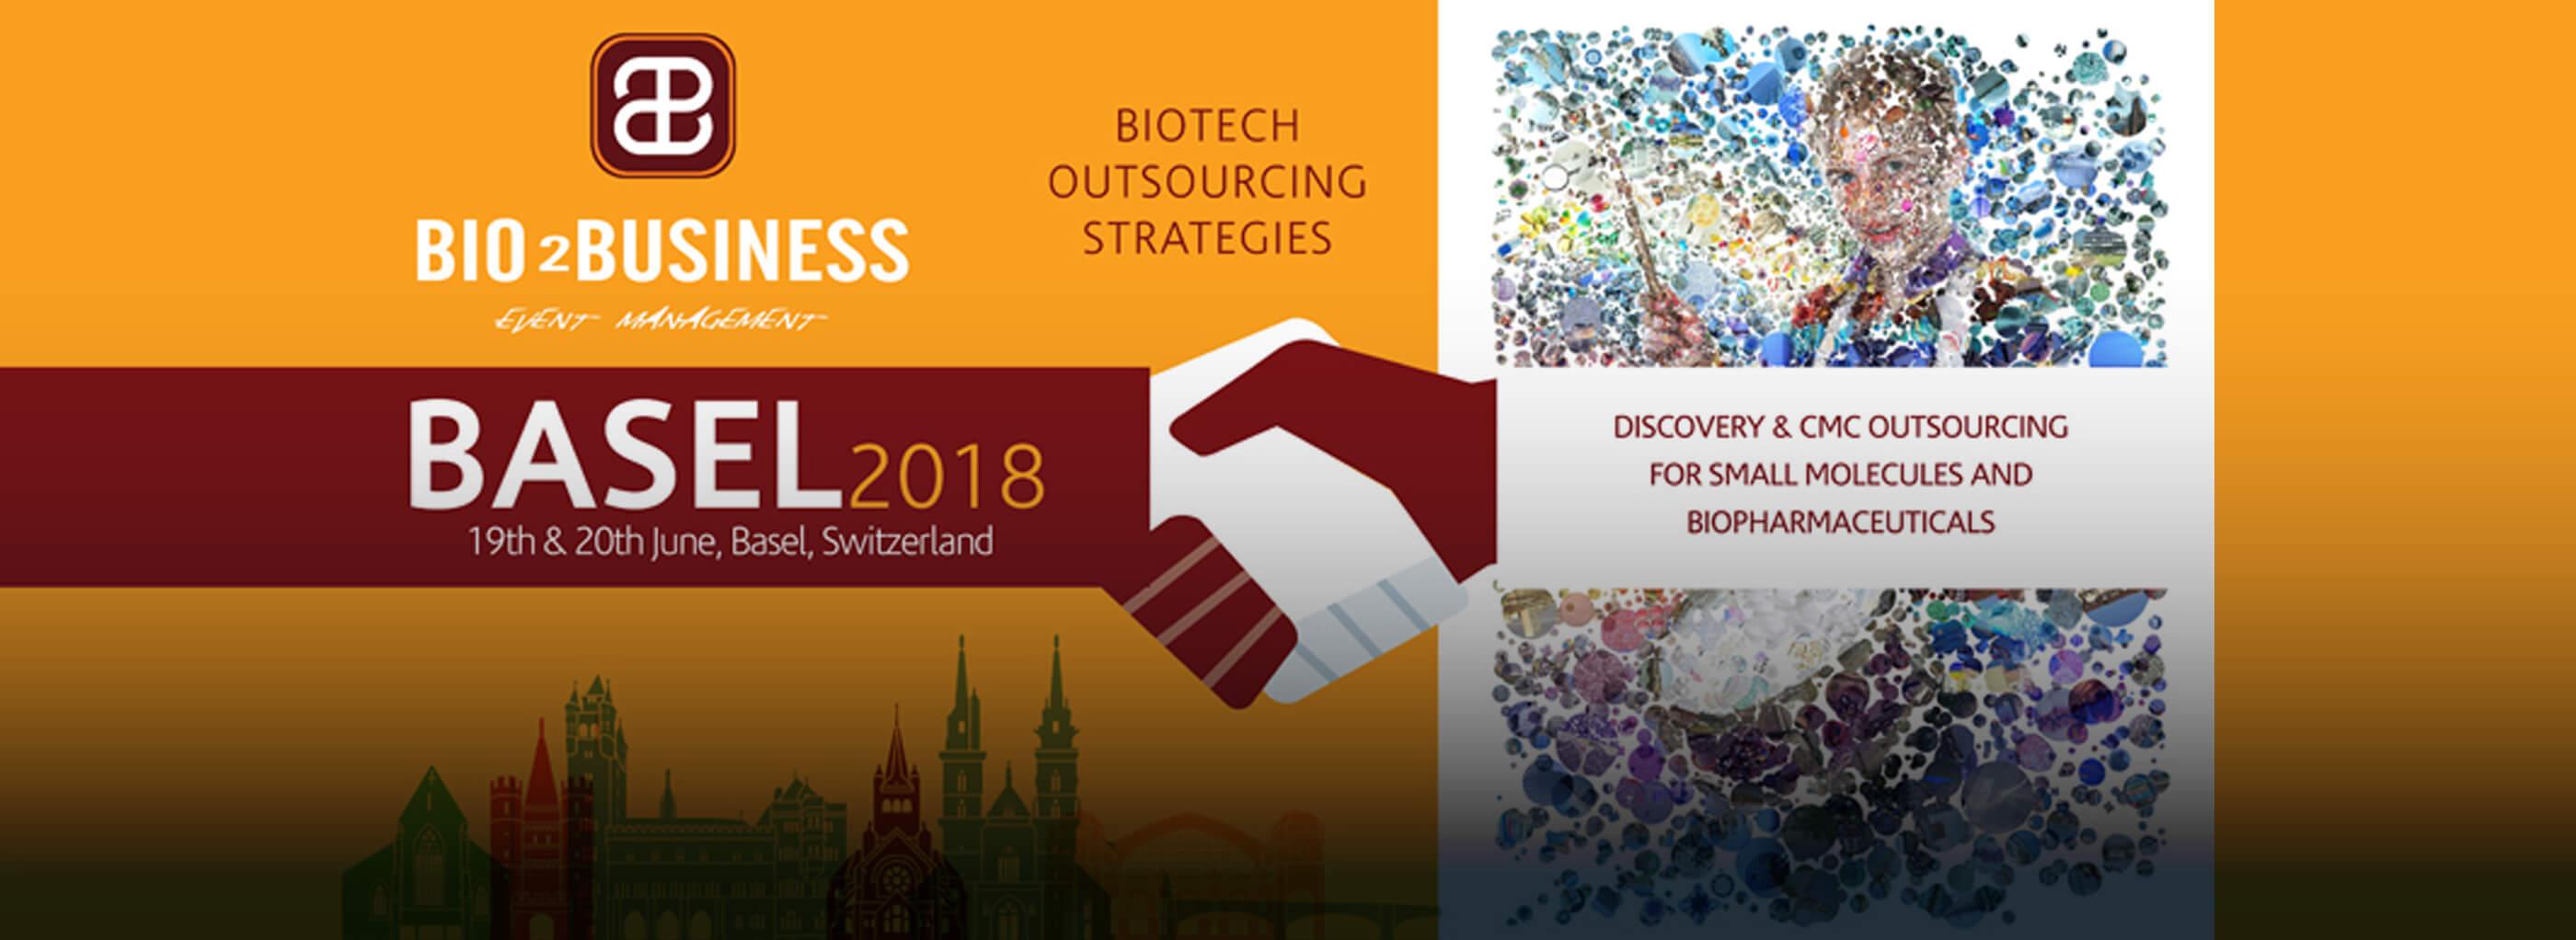 bio2business-hero